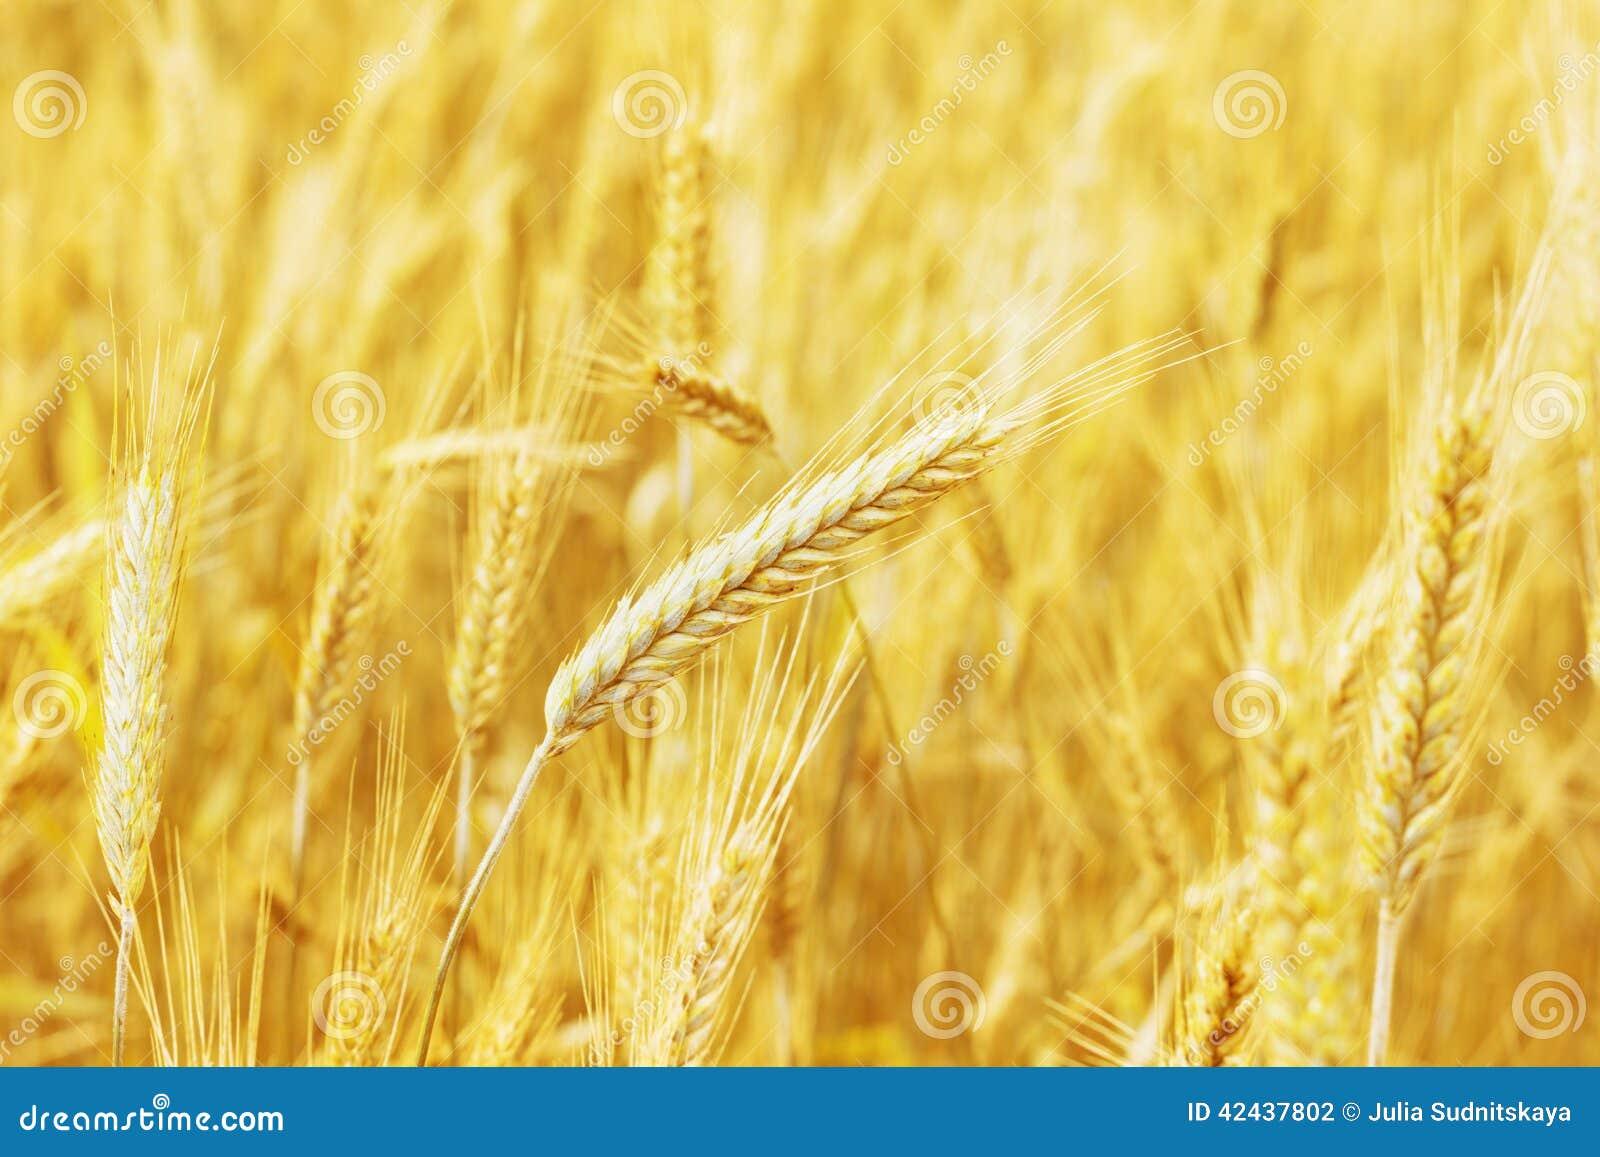 Campo de trigo y oído del trigo,